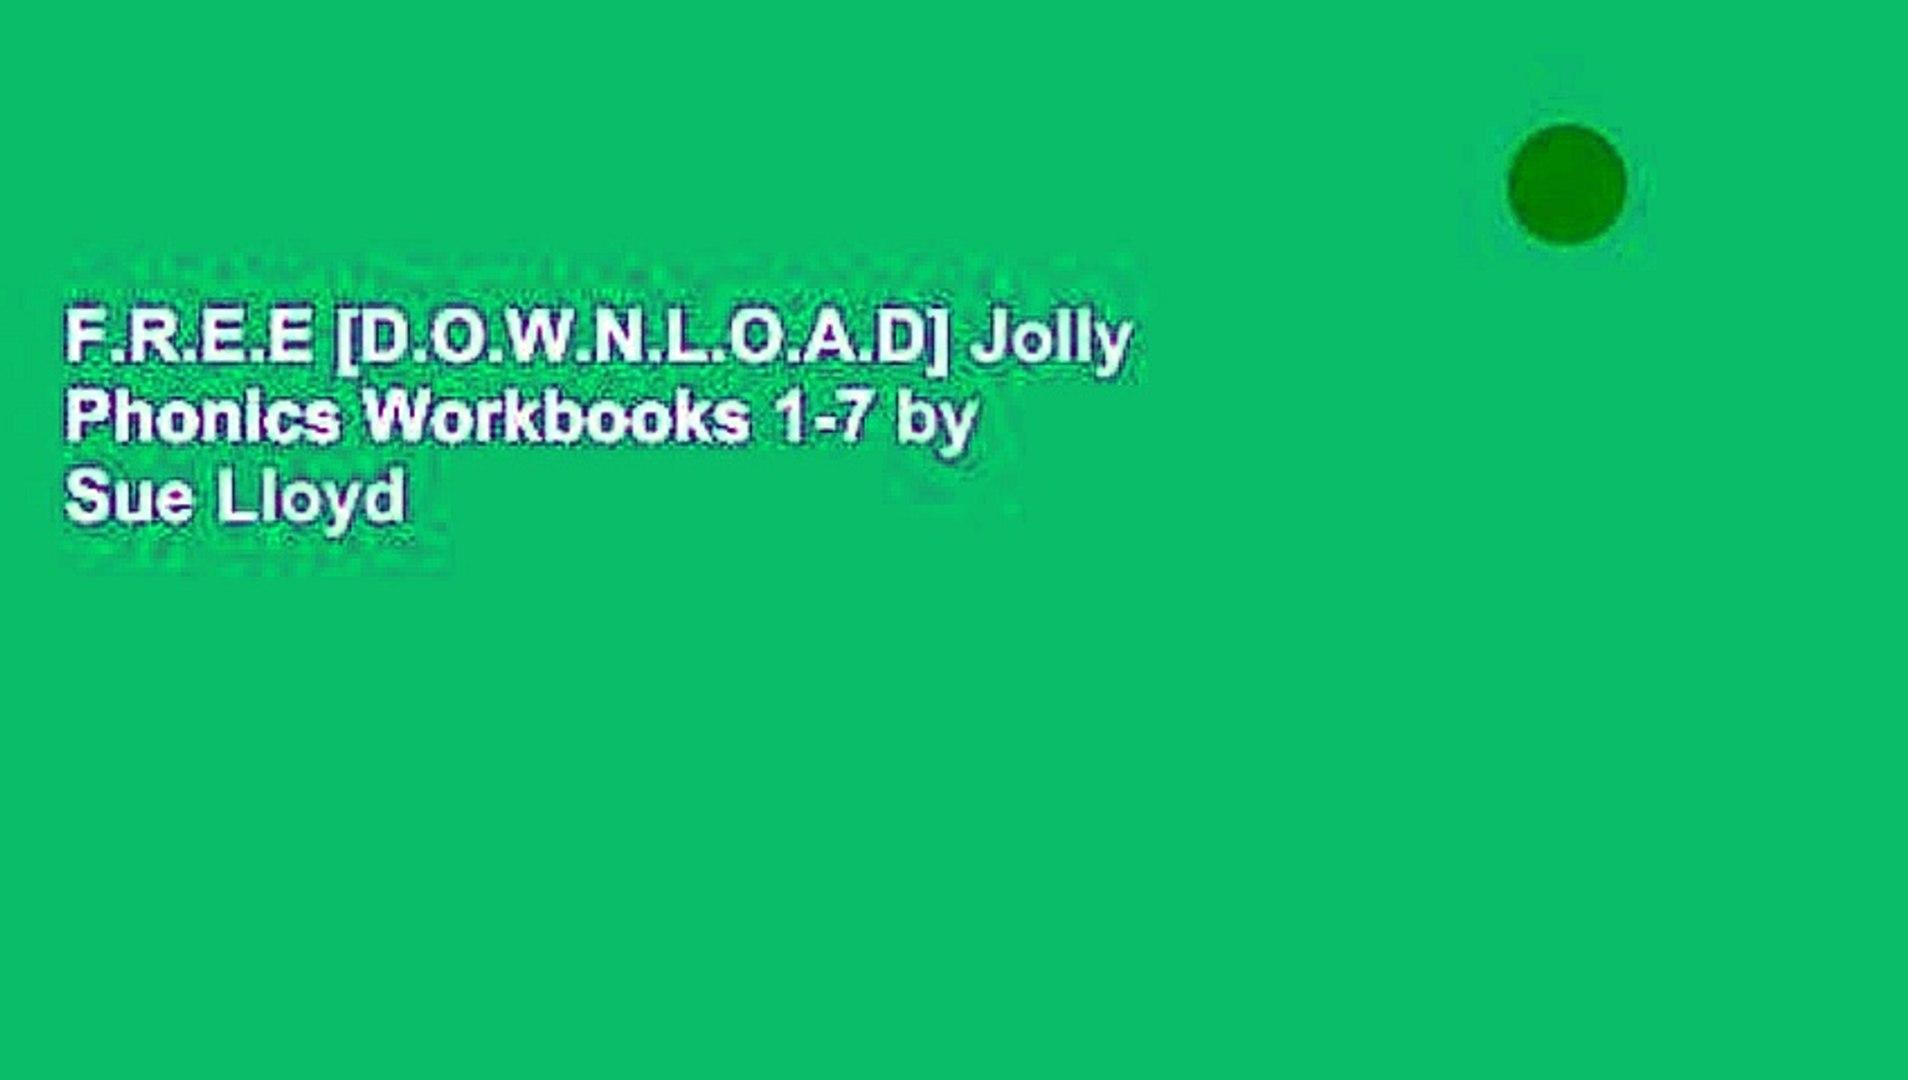 F R E E [D O W N L O A D] Jolly Phonics Workbooks 1-7 by Sue Lloyd